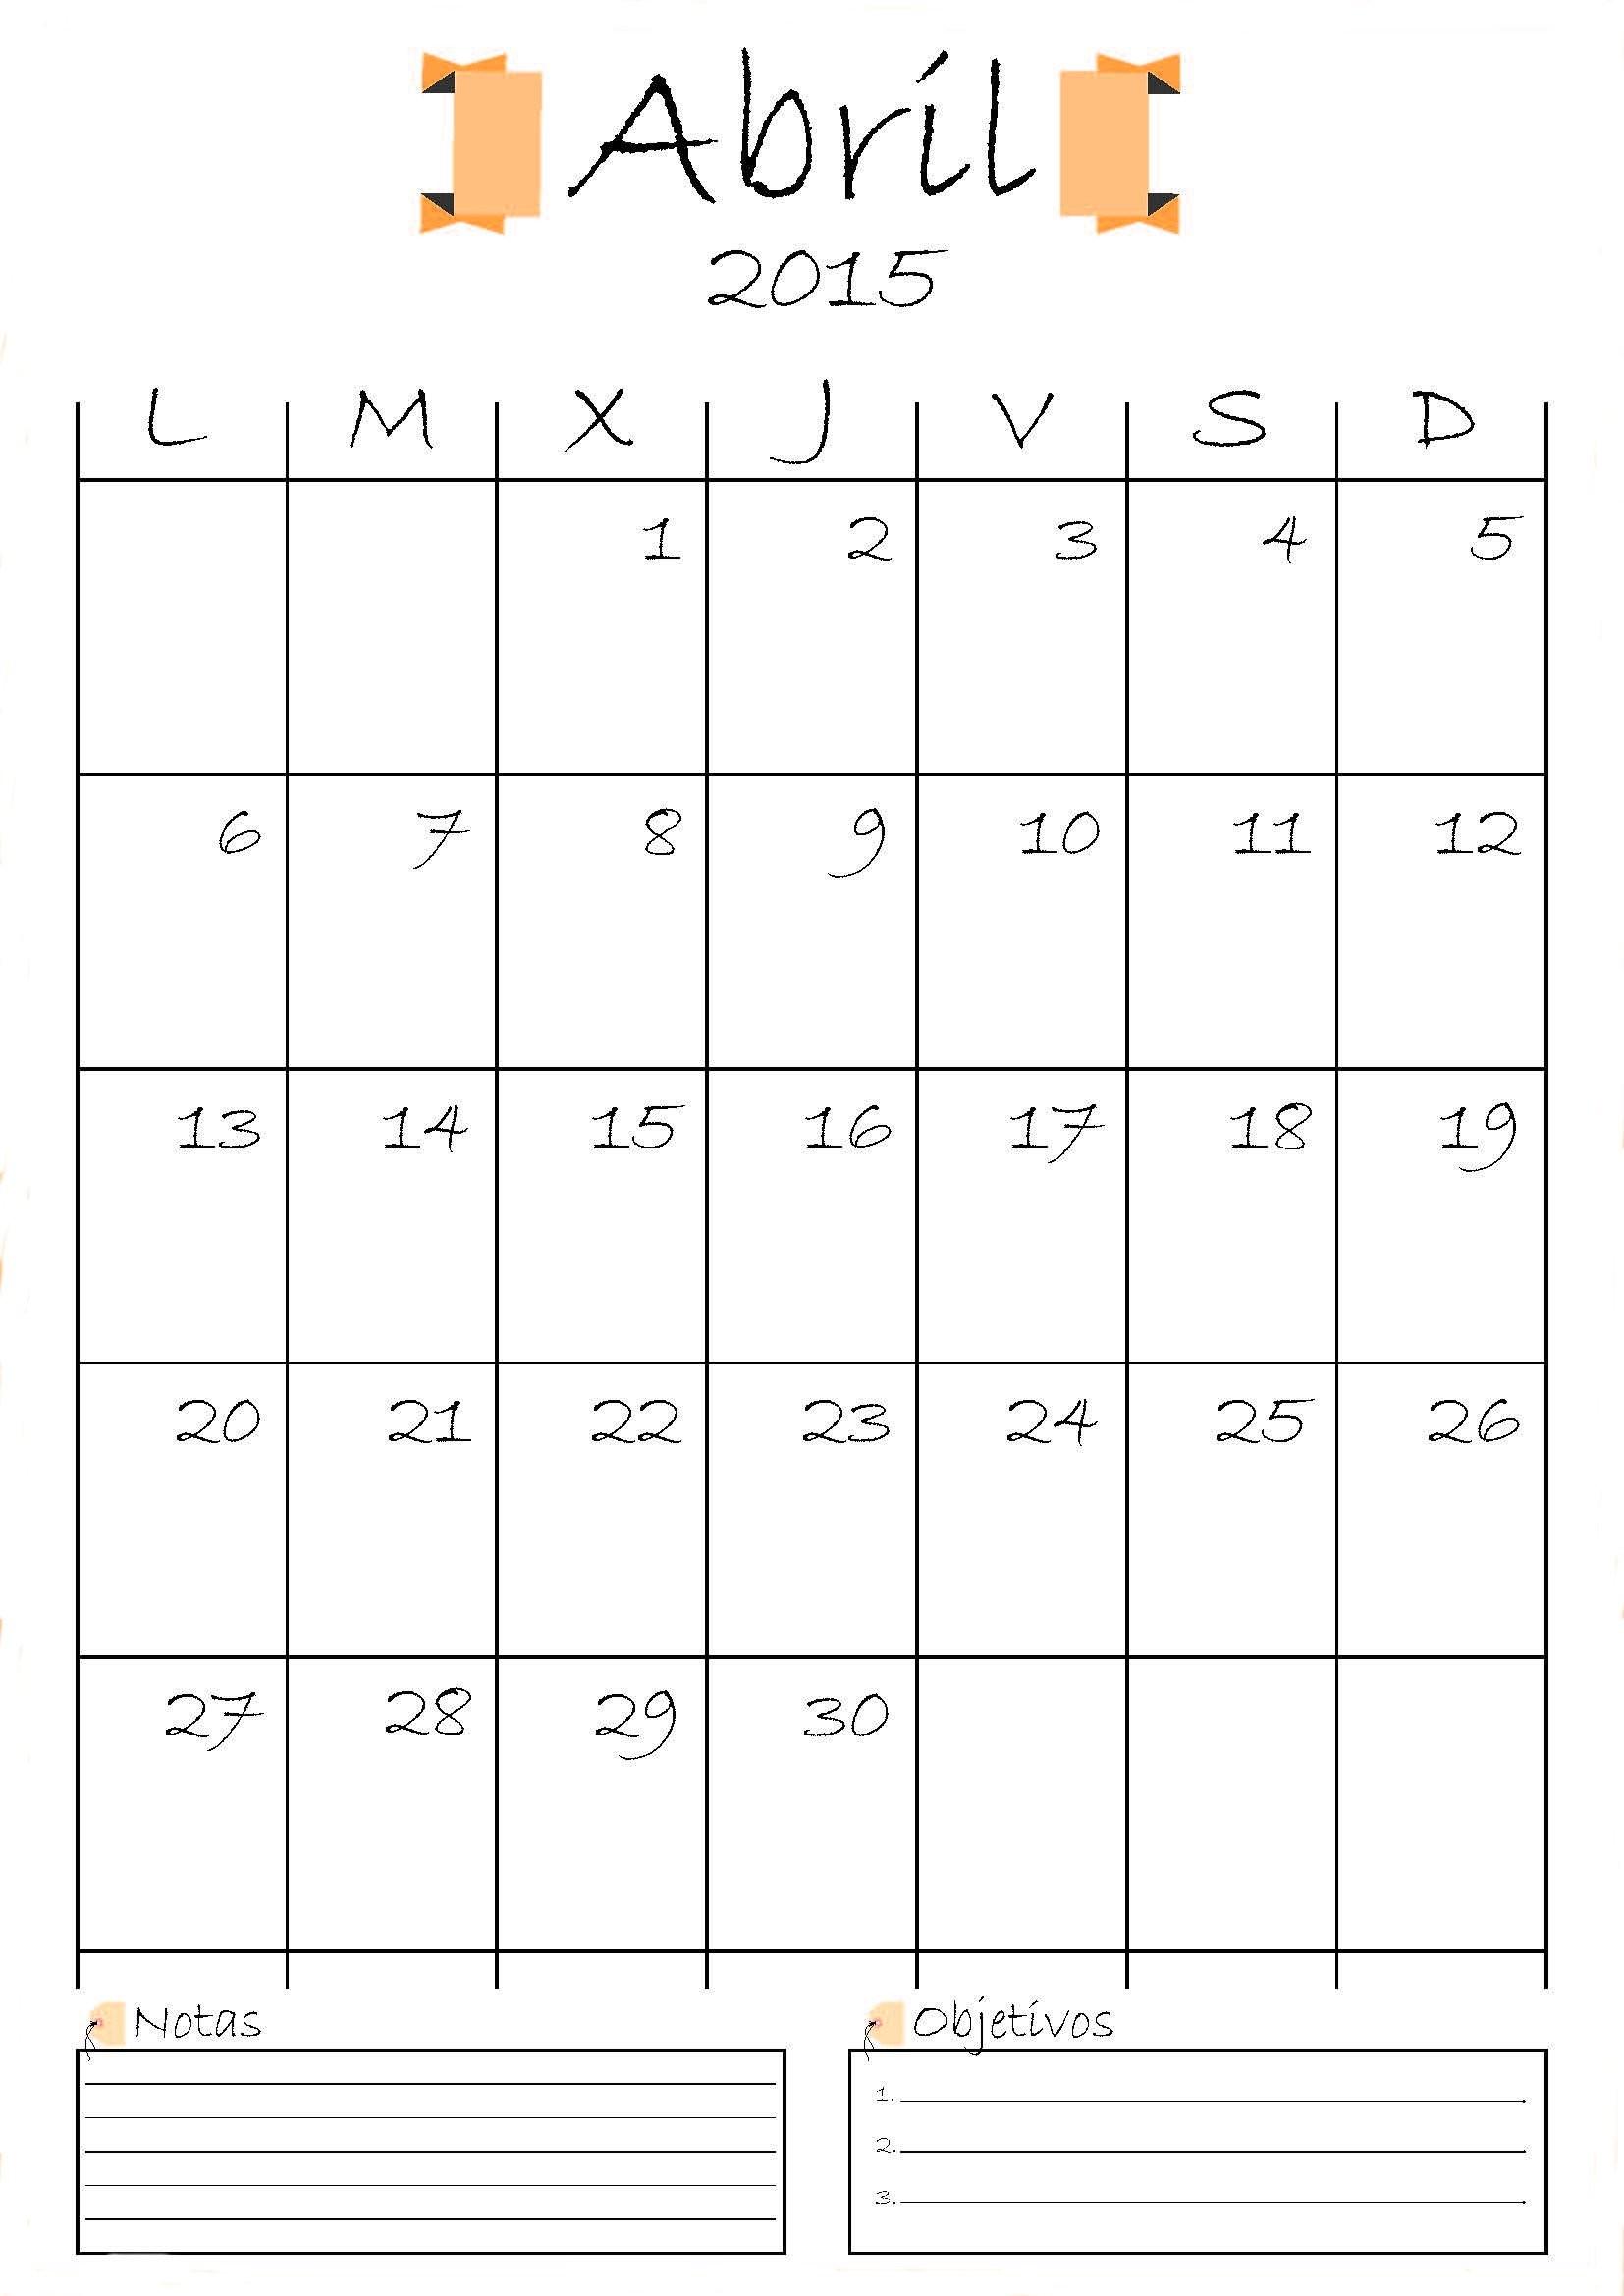 Calendario Mayo 2017 Para Imprimir Word Más Populares Calendario En Blanco 2015 tomburorddiner Of Calendario Mayo 2017 Para Imprimir Word Más Populares Watercolor 2019 Monthly Printable Calendar Calendar 2019may 2019